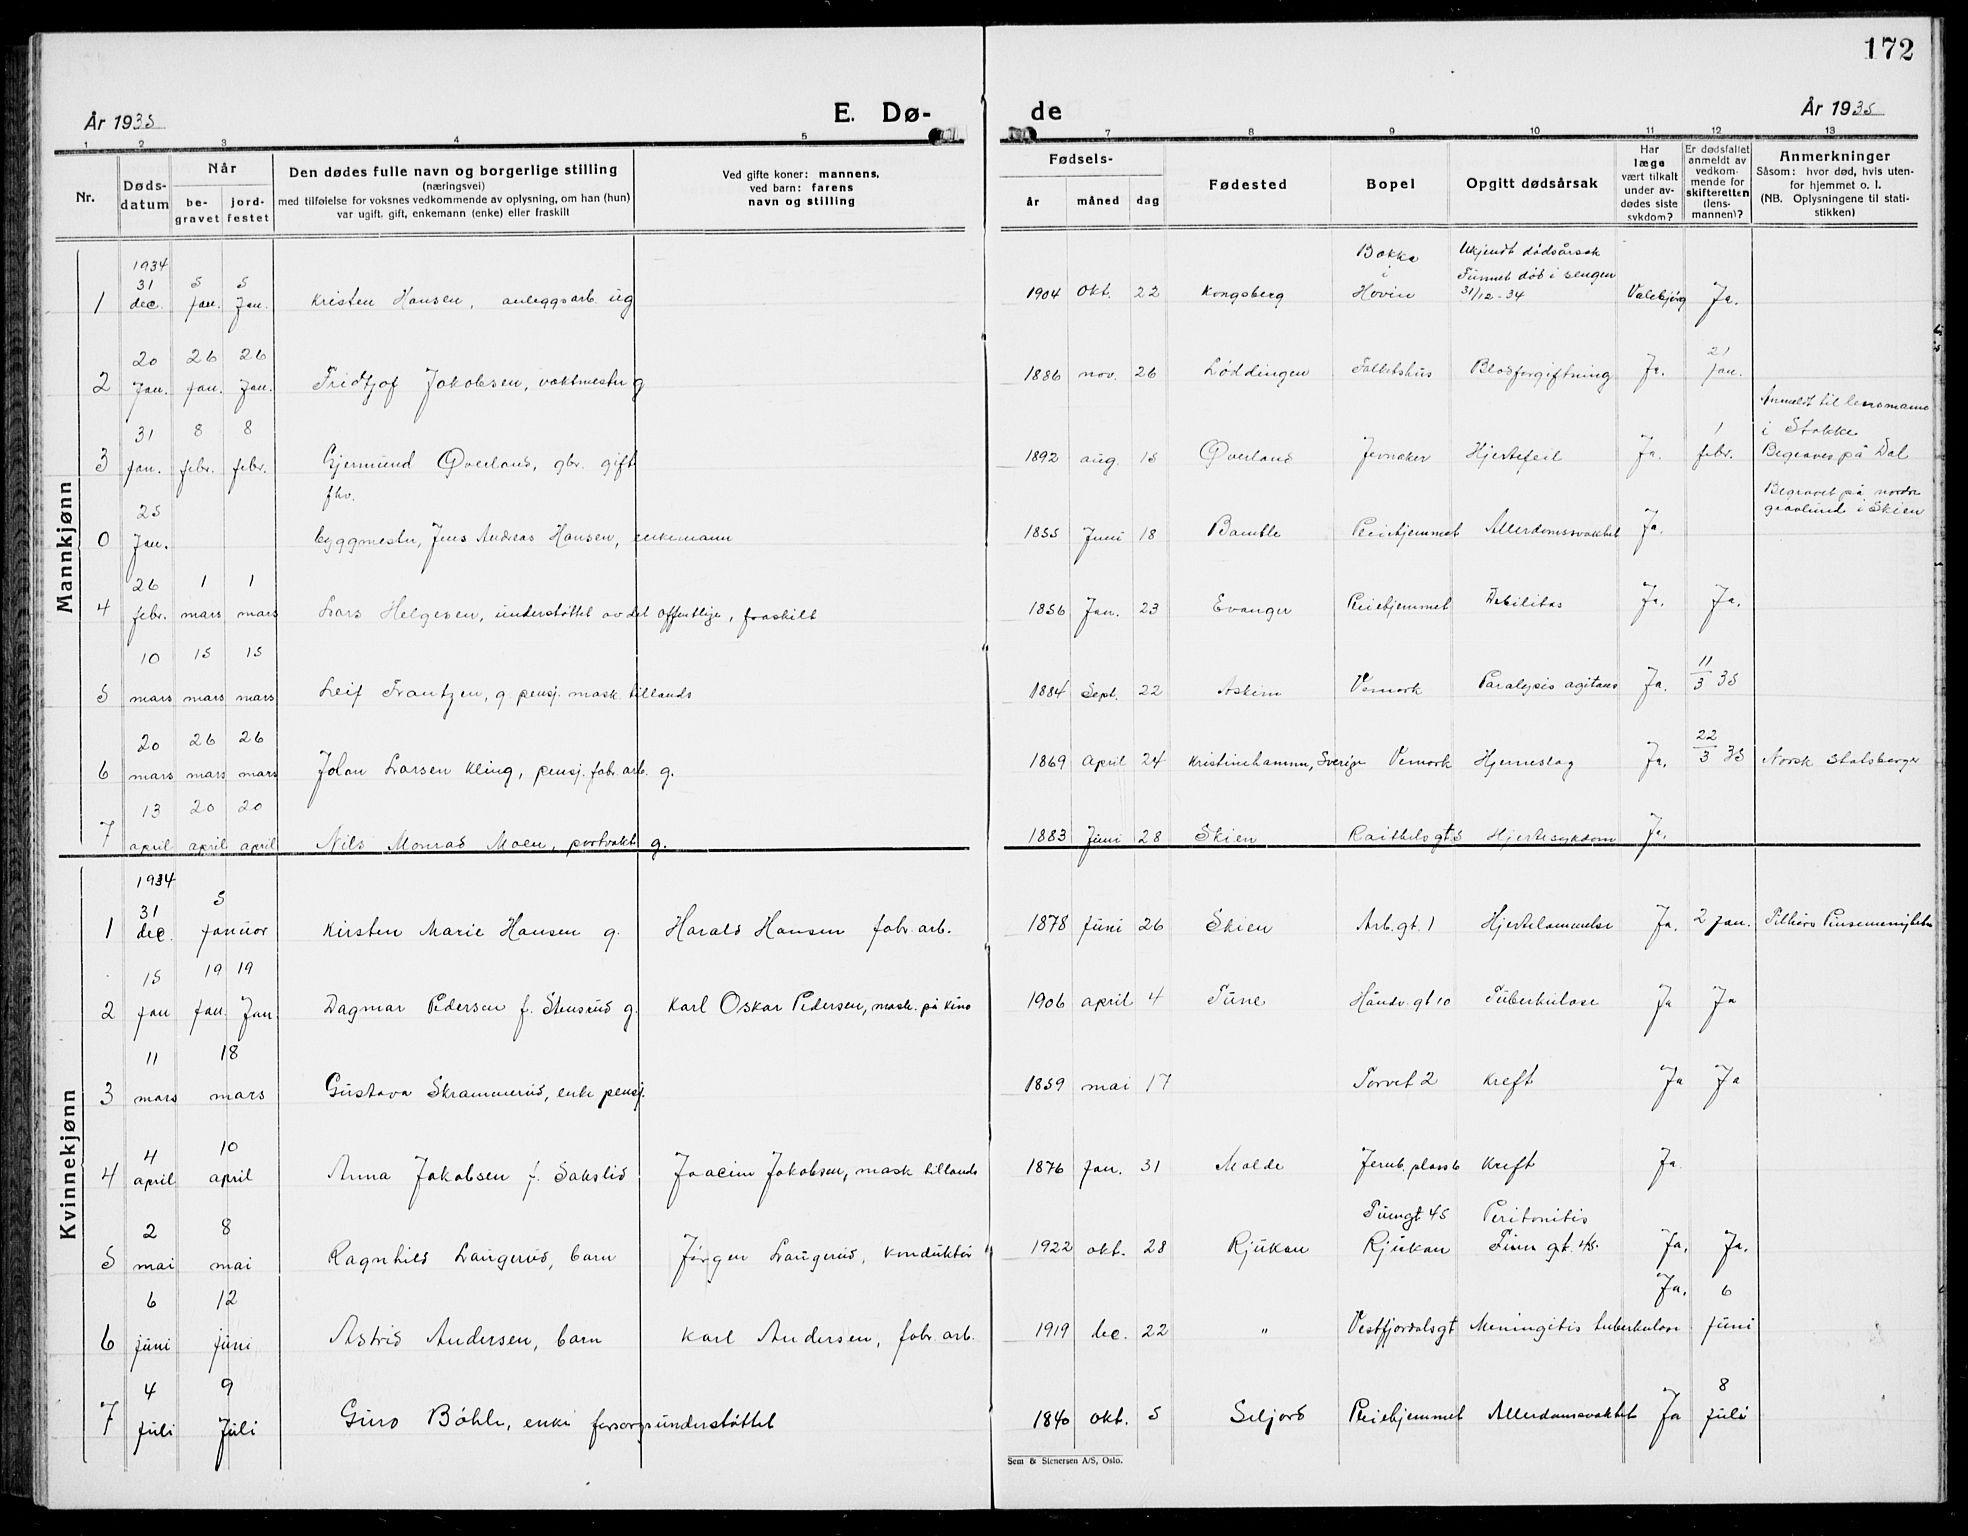 SAKO, Rjukan kirkebøker, G/Ga/L0005: Klokkerbok nr. 5, 1928-1937, s. 172